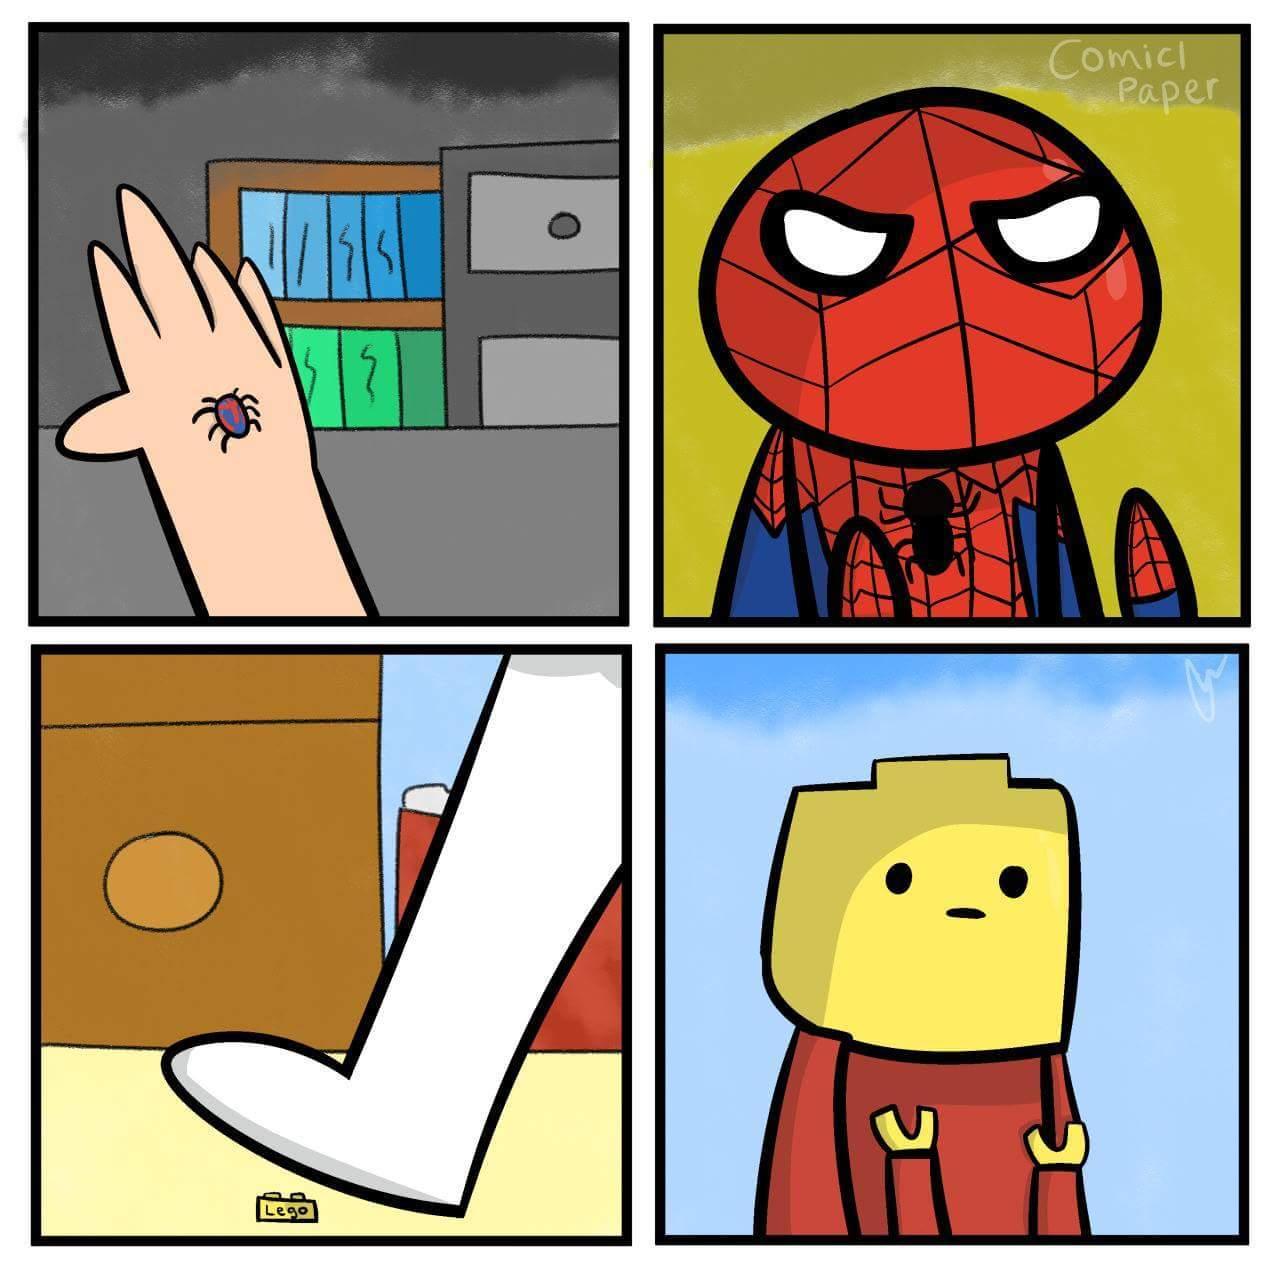 Legoman ¯\_(ツ)_/¯ - meme